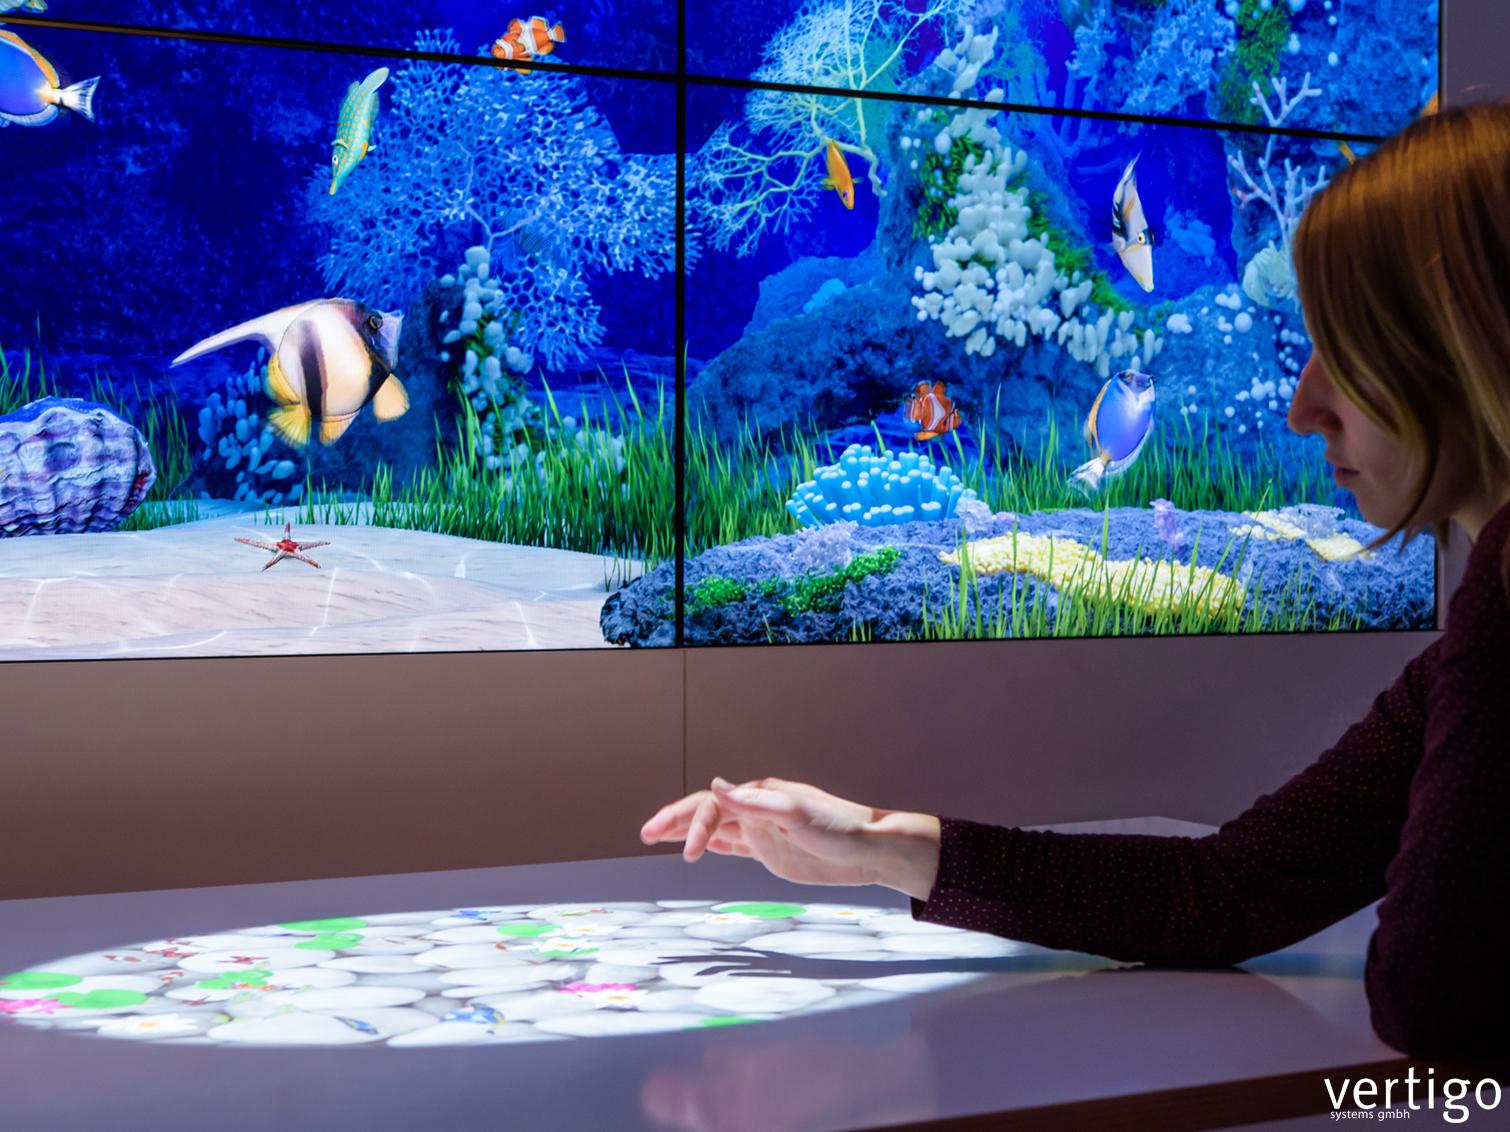 interaktive projektion auf b den w nde tische vertigo. Black Bedroom Furniture Sets. Home Design Ideas